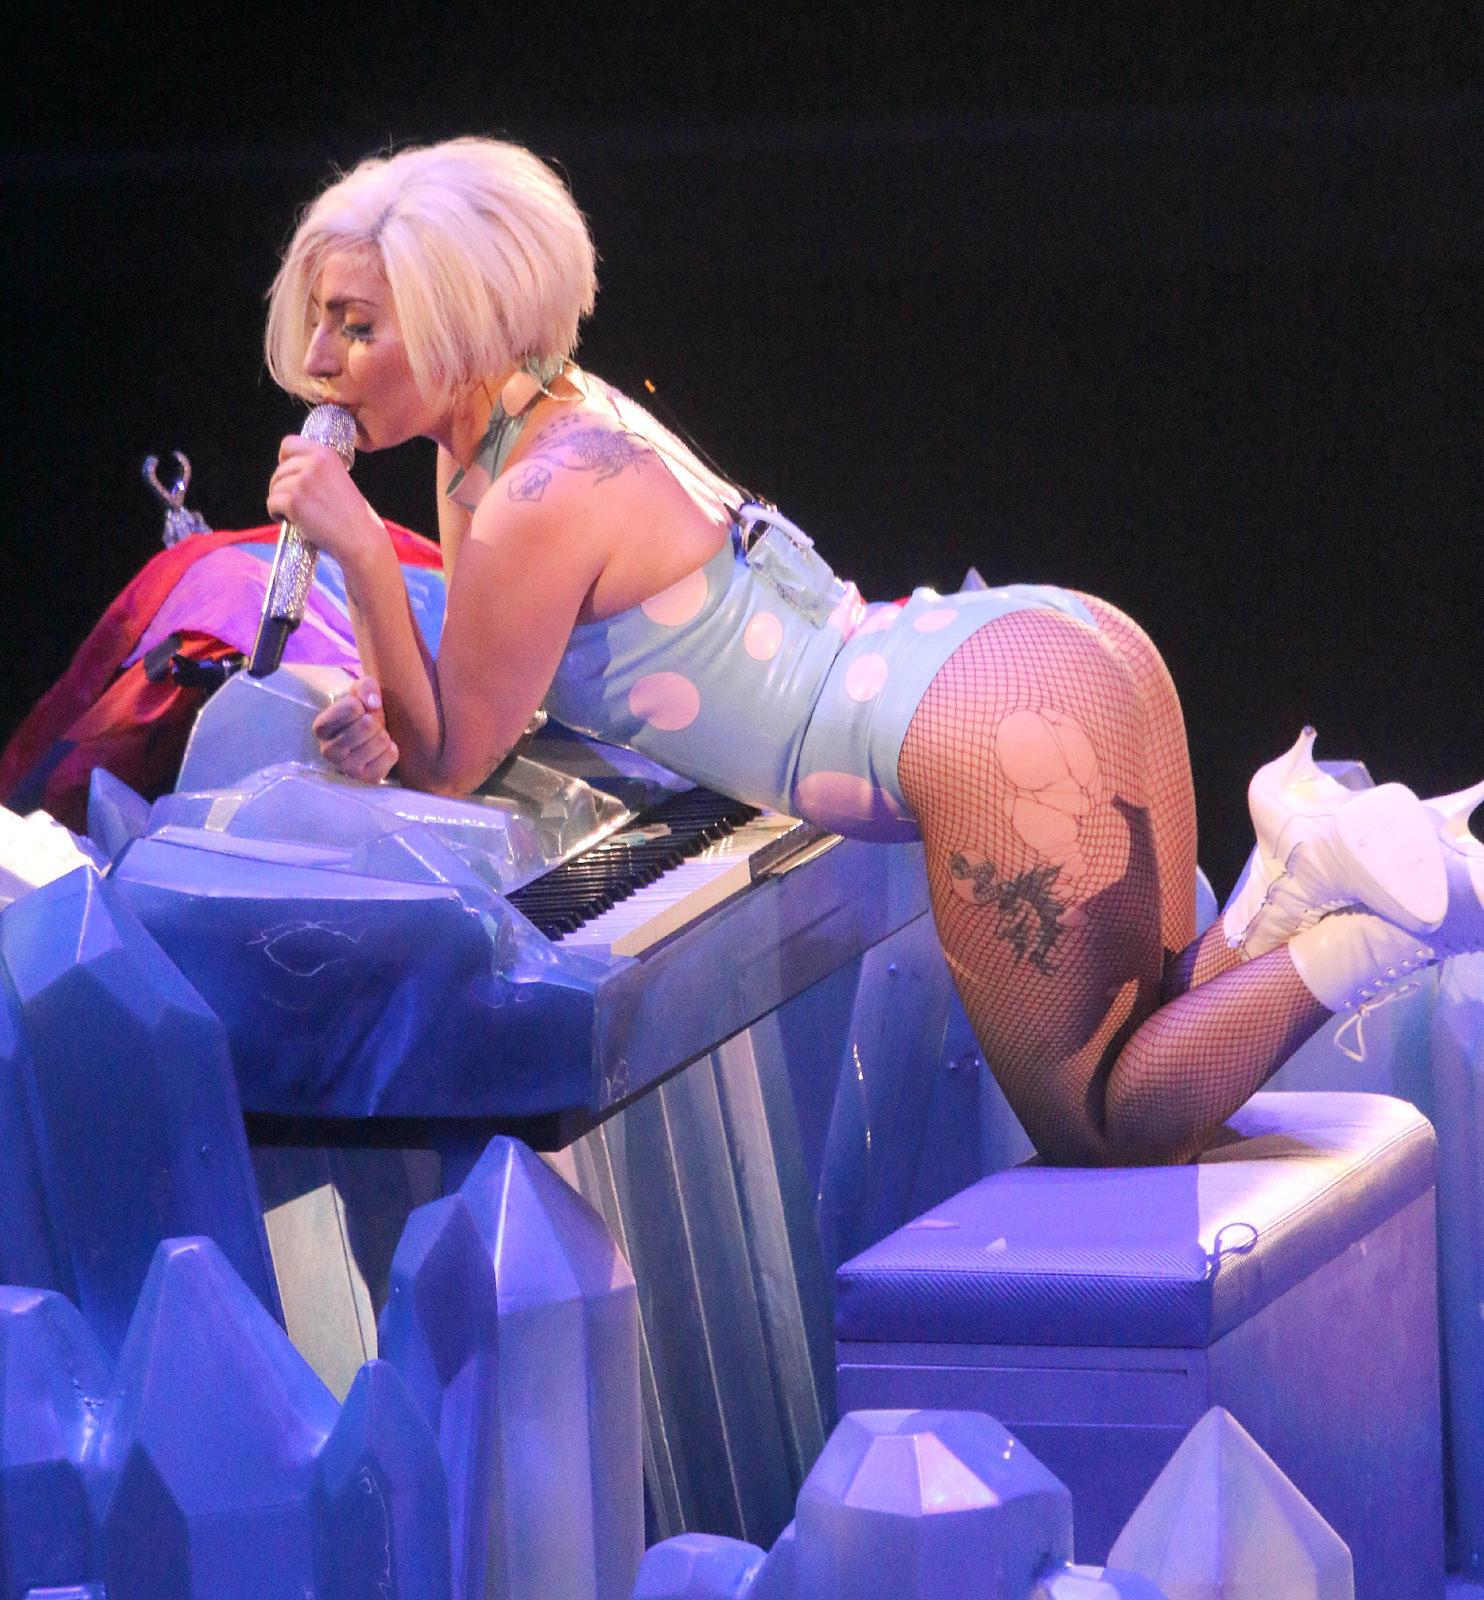 Lady Gaga Photo Gallery